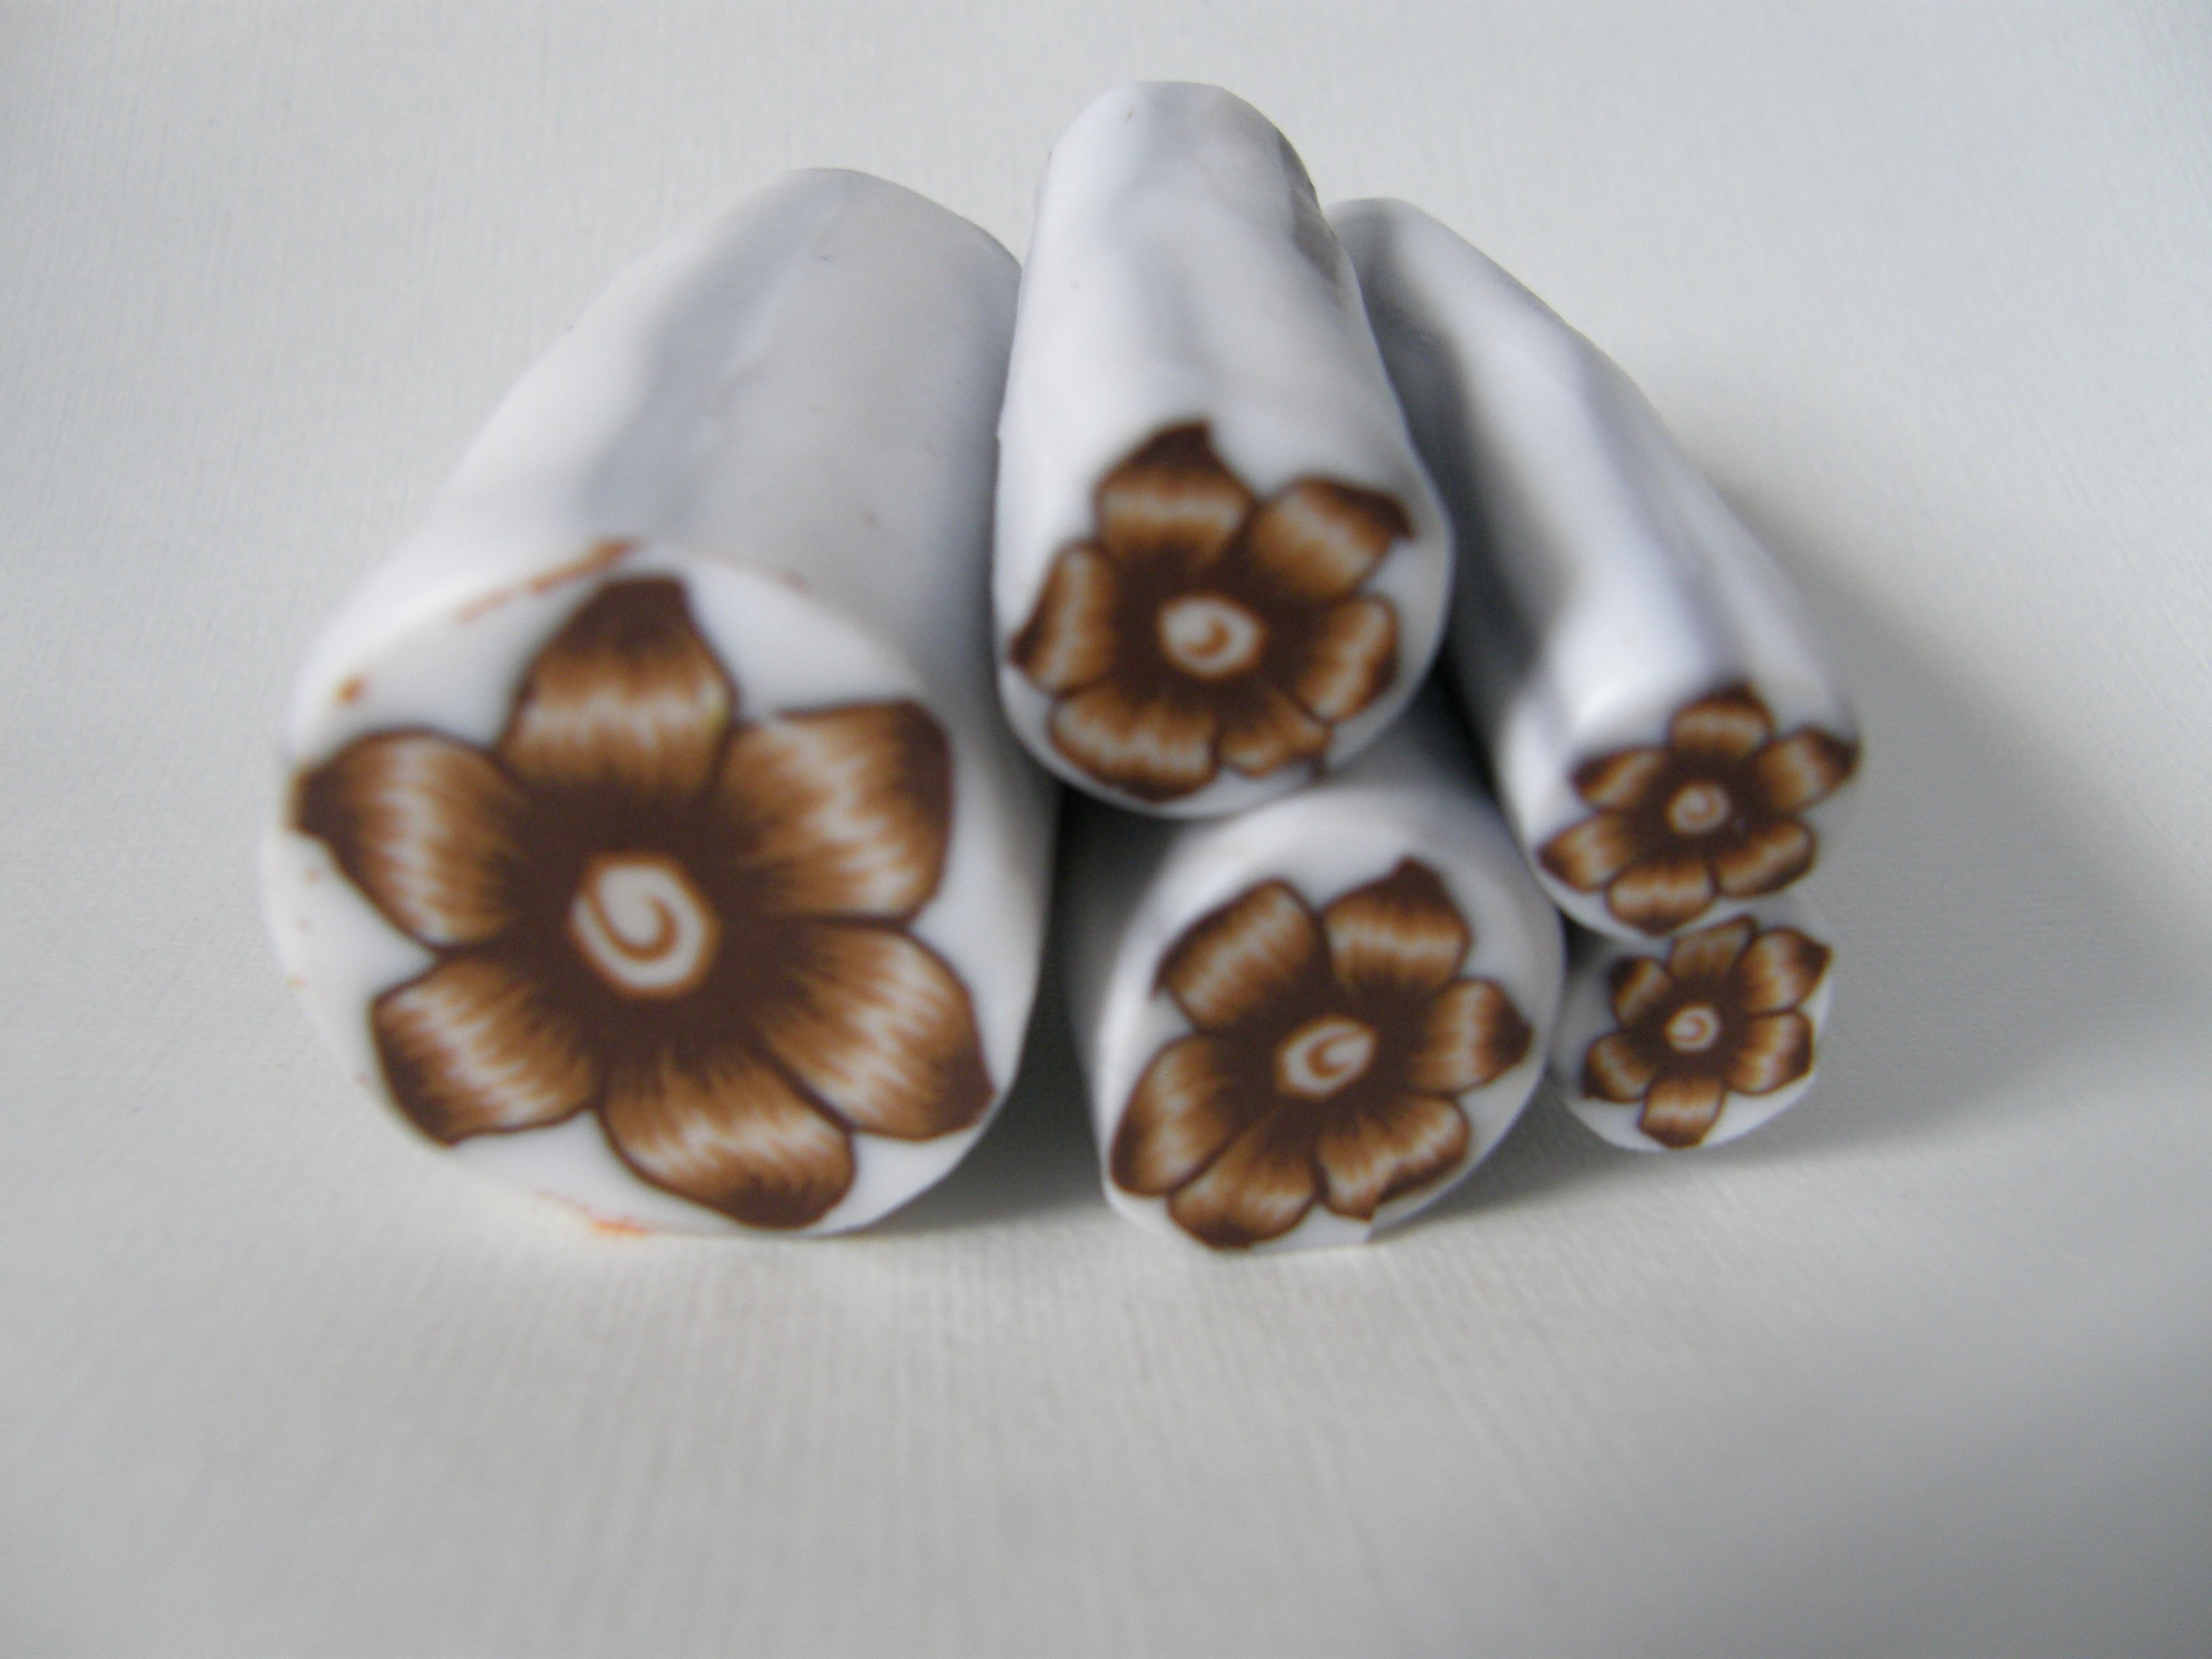 Murrina flor marrón en arcilla polimérica - Polymer clay brown flower cane